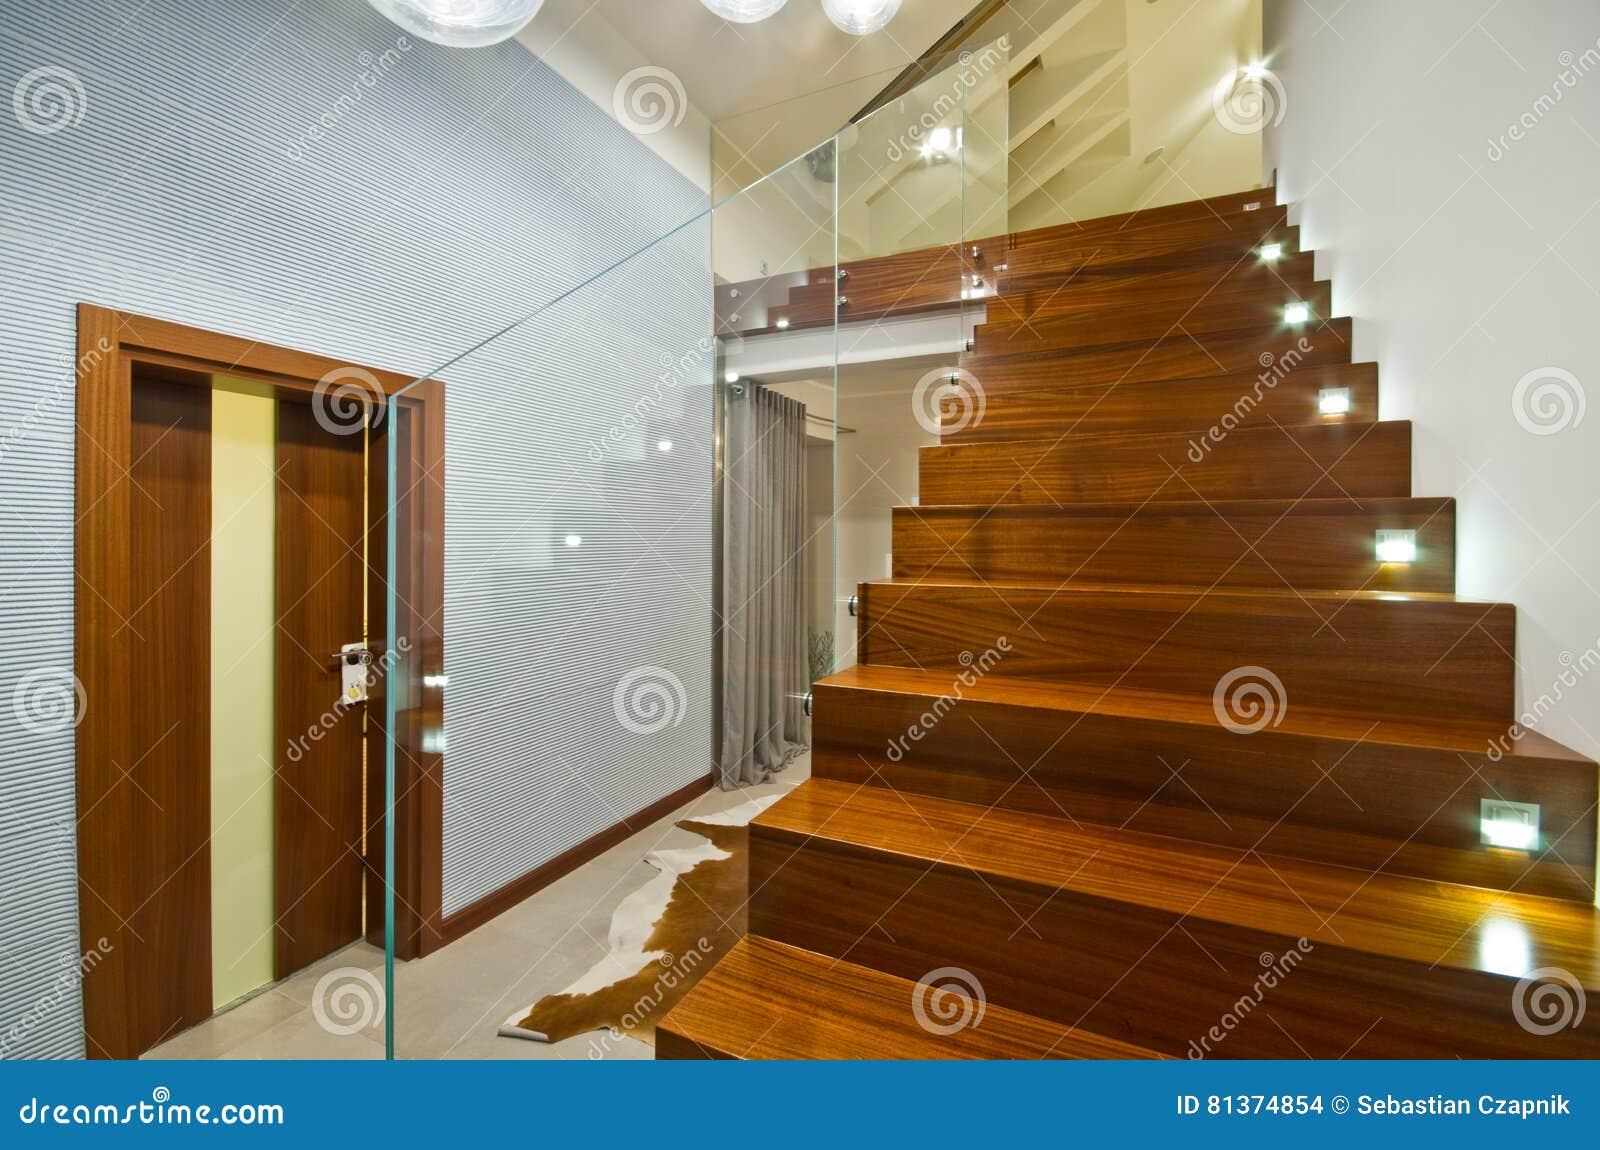 escaleras modernas con la barandilla de cristal imagenes de archivo